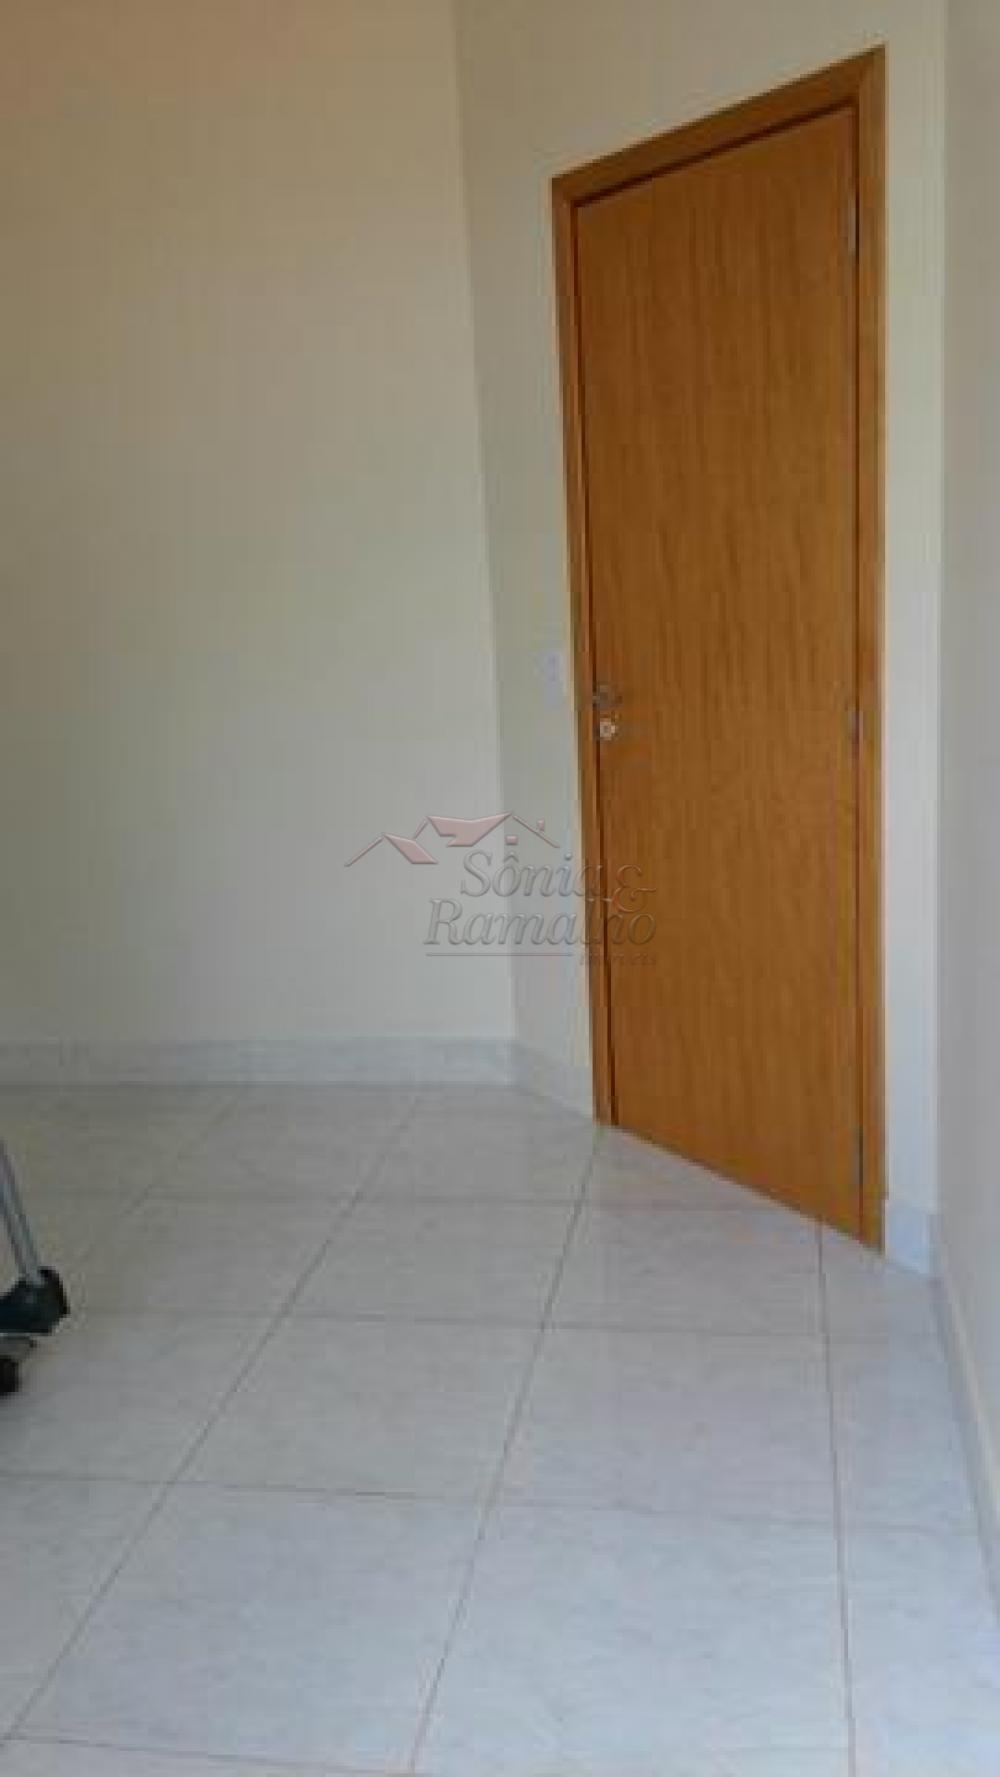 Comprar Casas / Padrão em Ribeirão Preto apenas R$ 550.000,00 - Foto 9